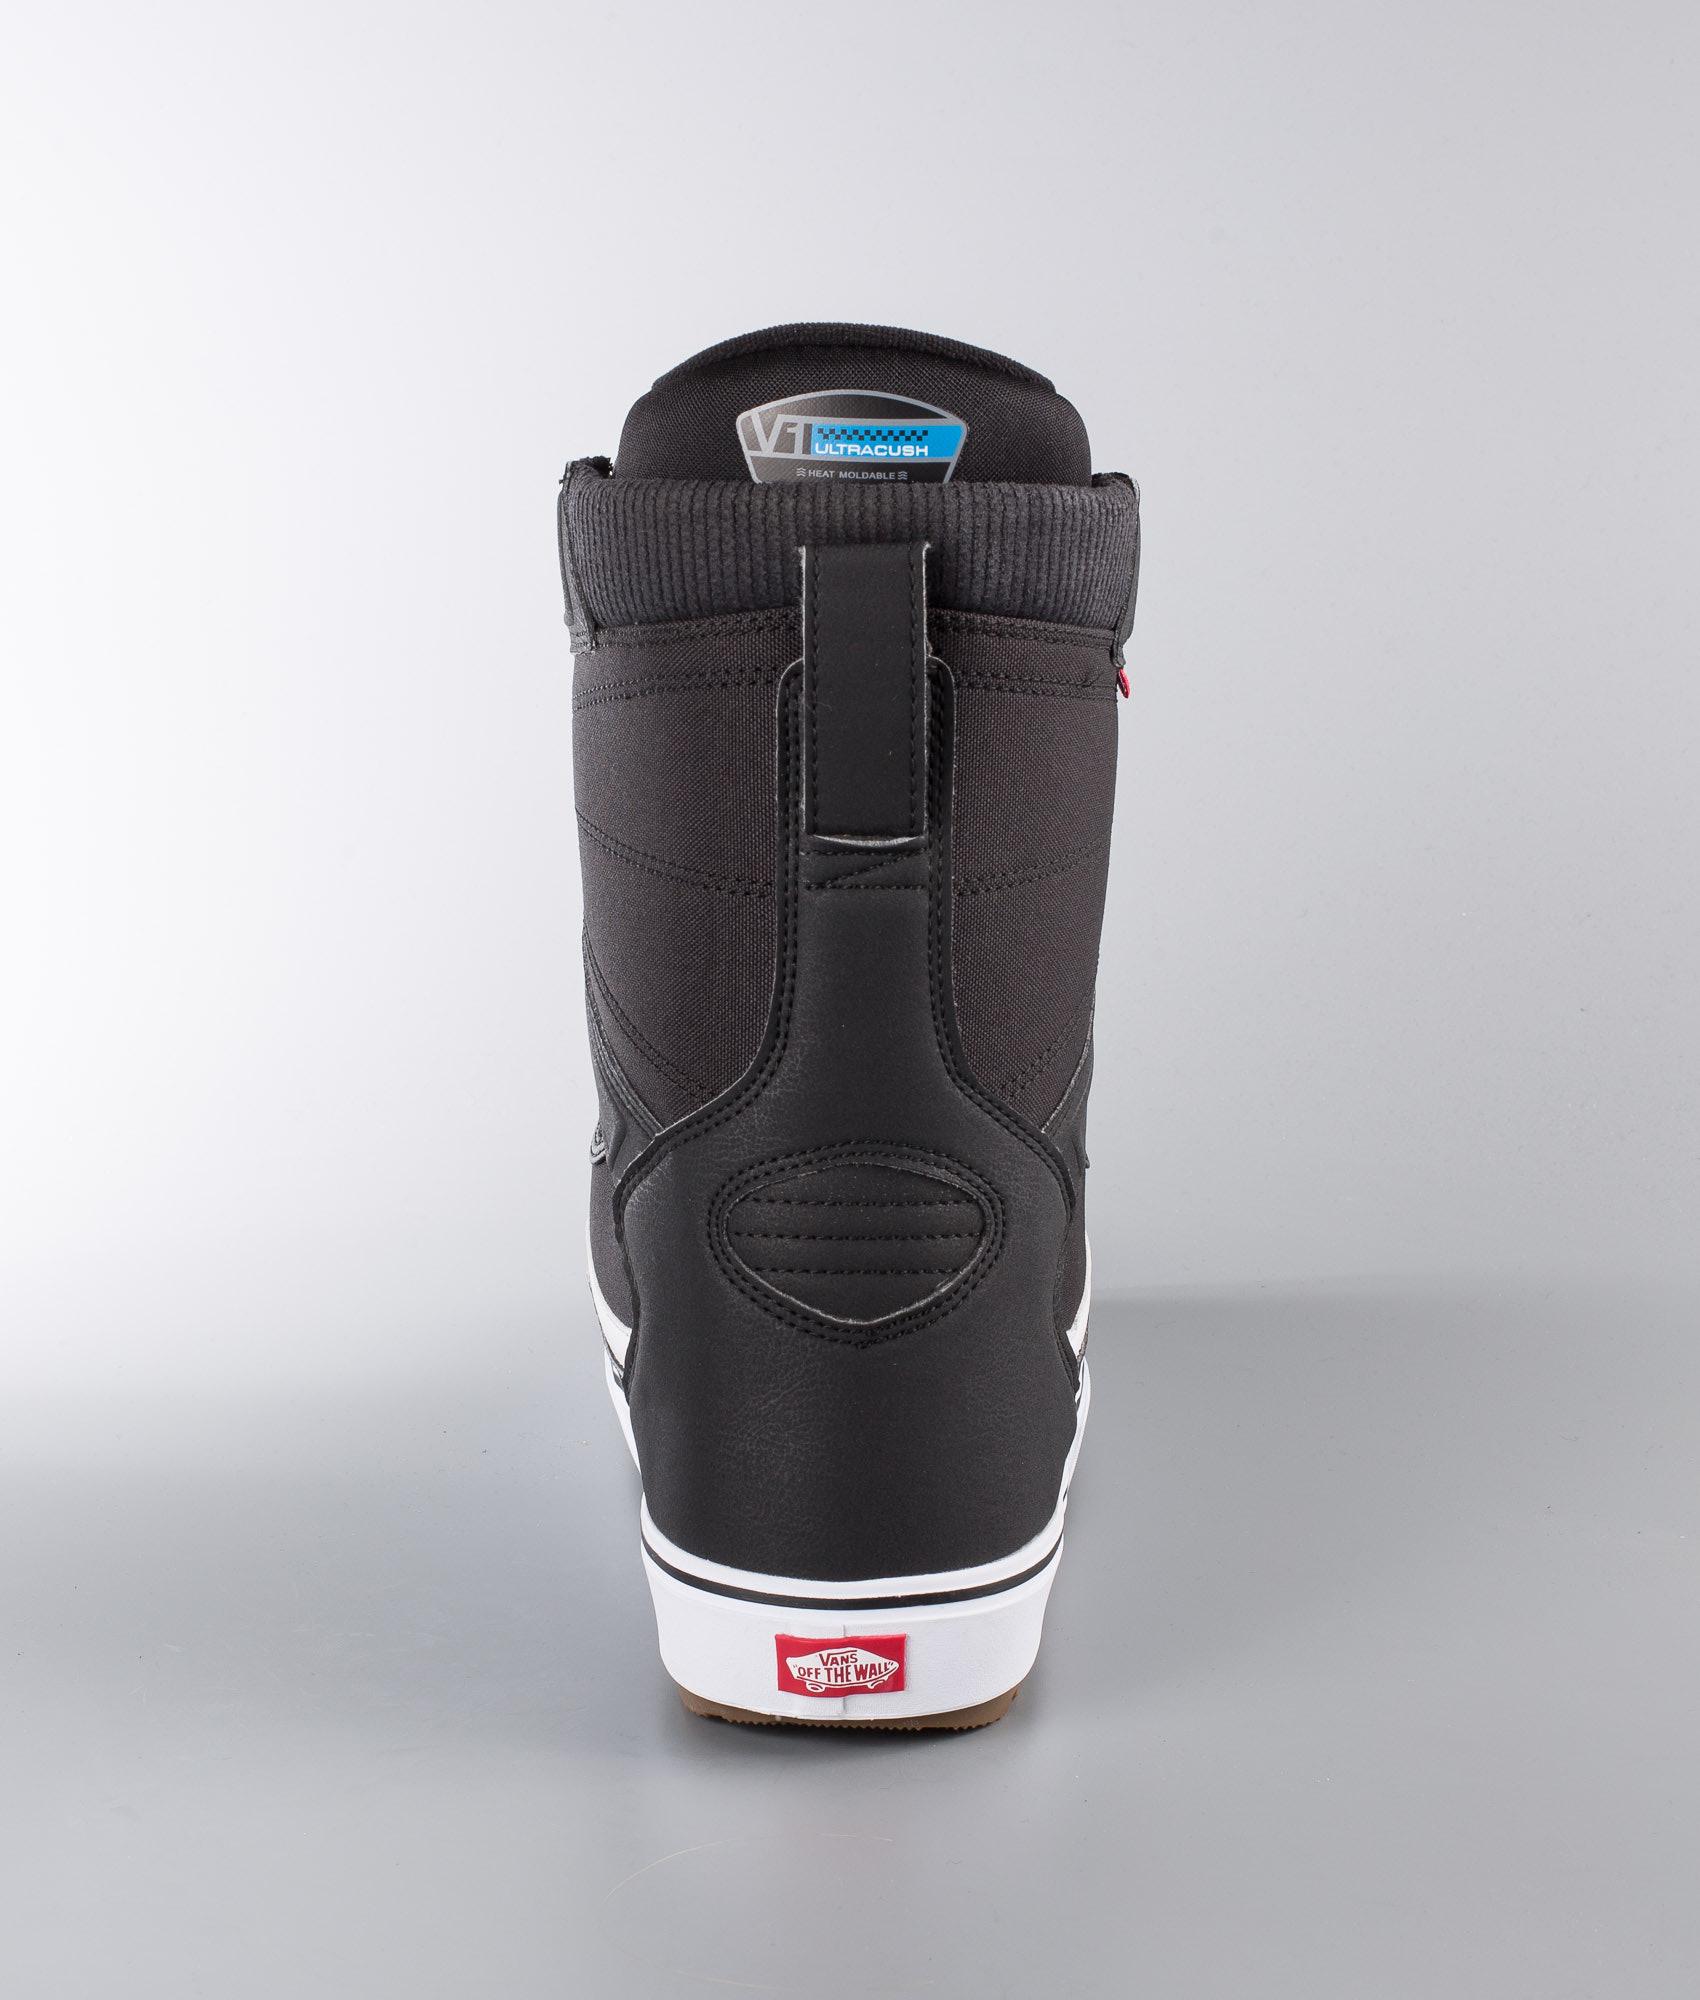 9816190e53 Vans Aura OG Snowboard Boots Black White - Ridestore.com